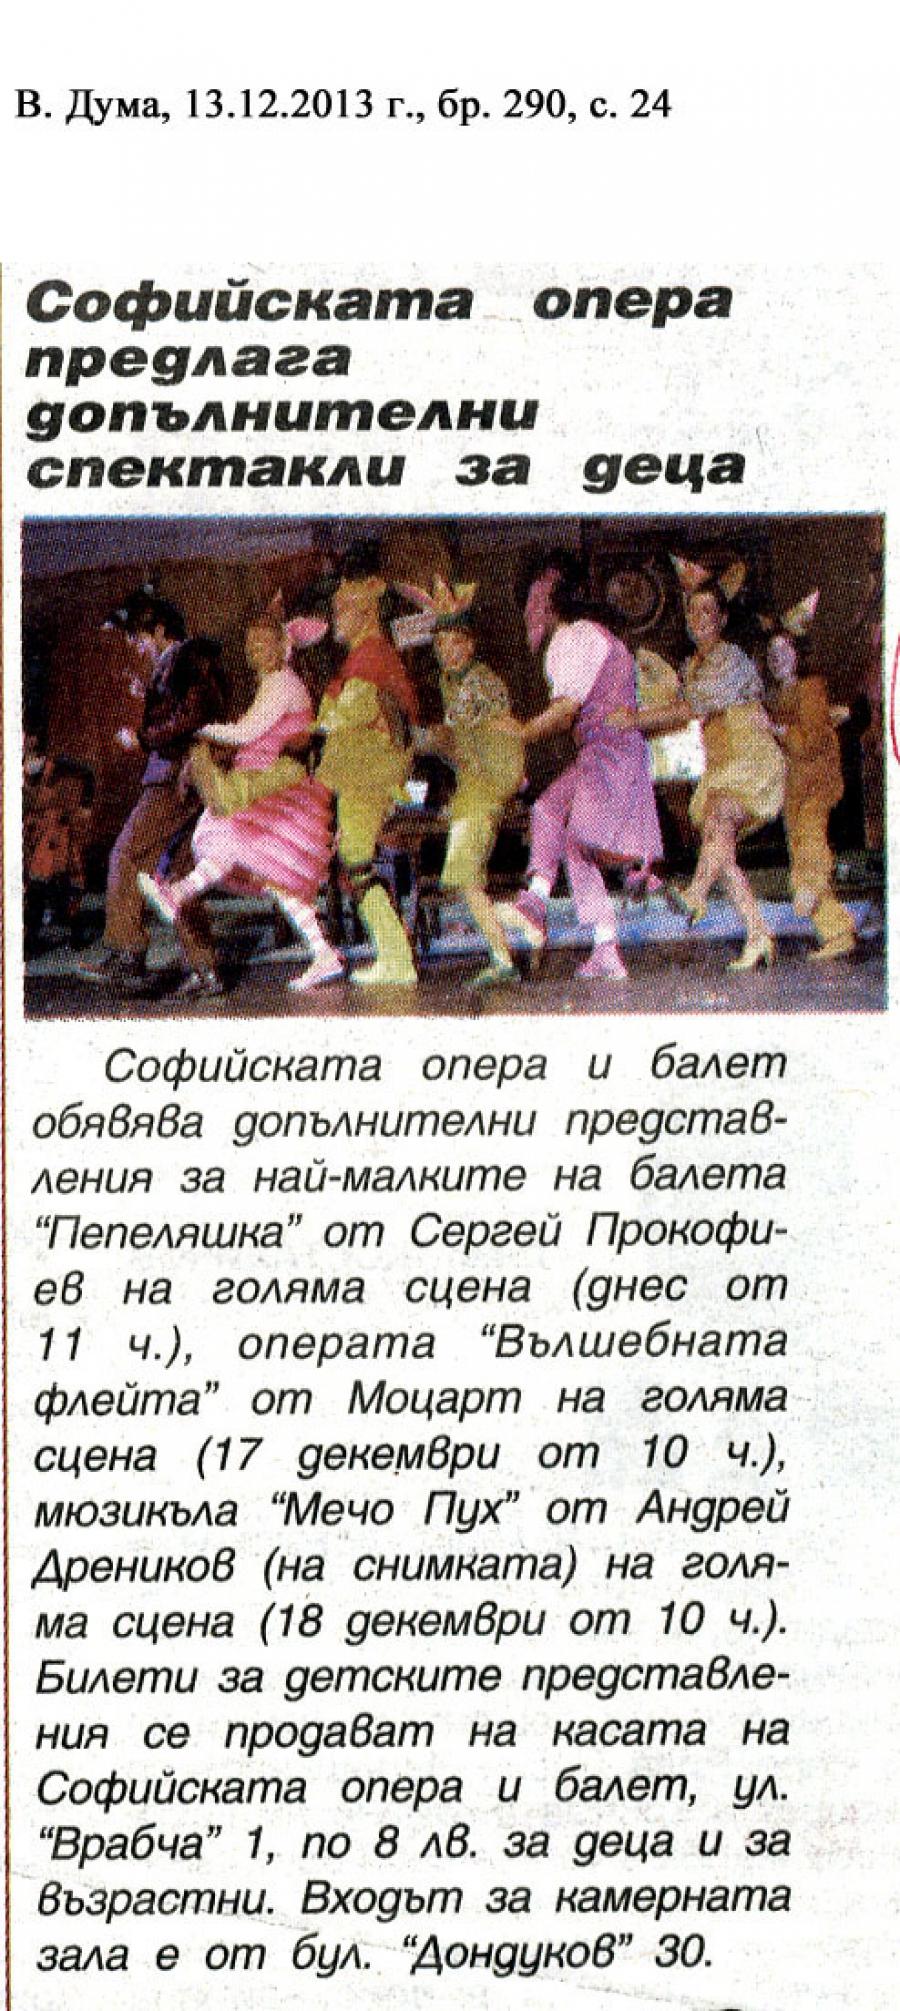 13.12.2013,в.Дума - Софийската опера предлага допълнителни спектакли за деца